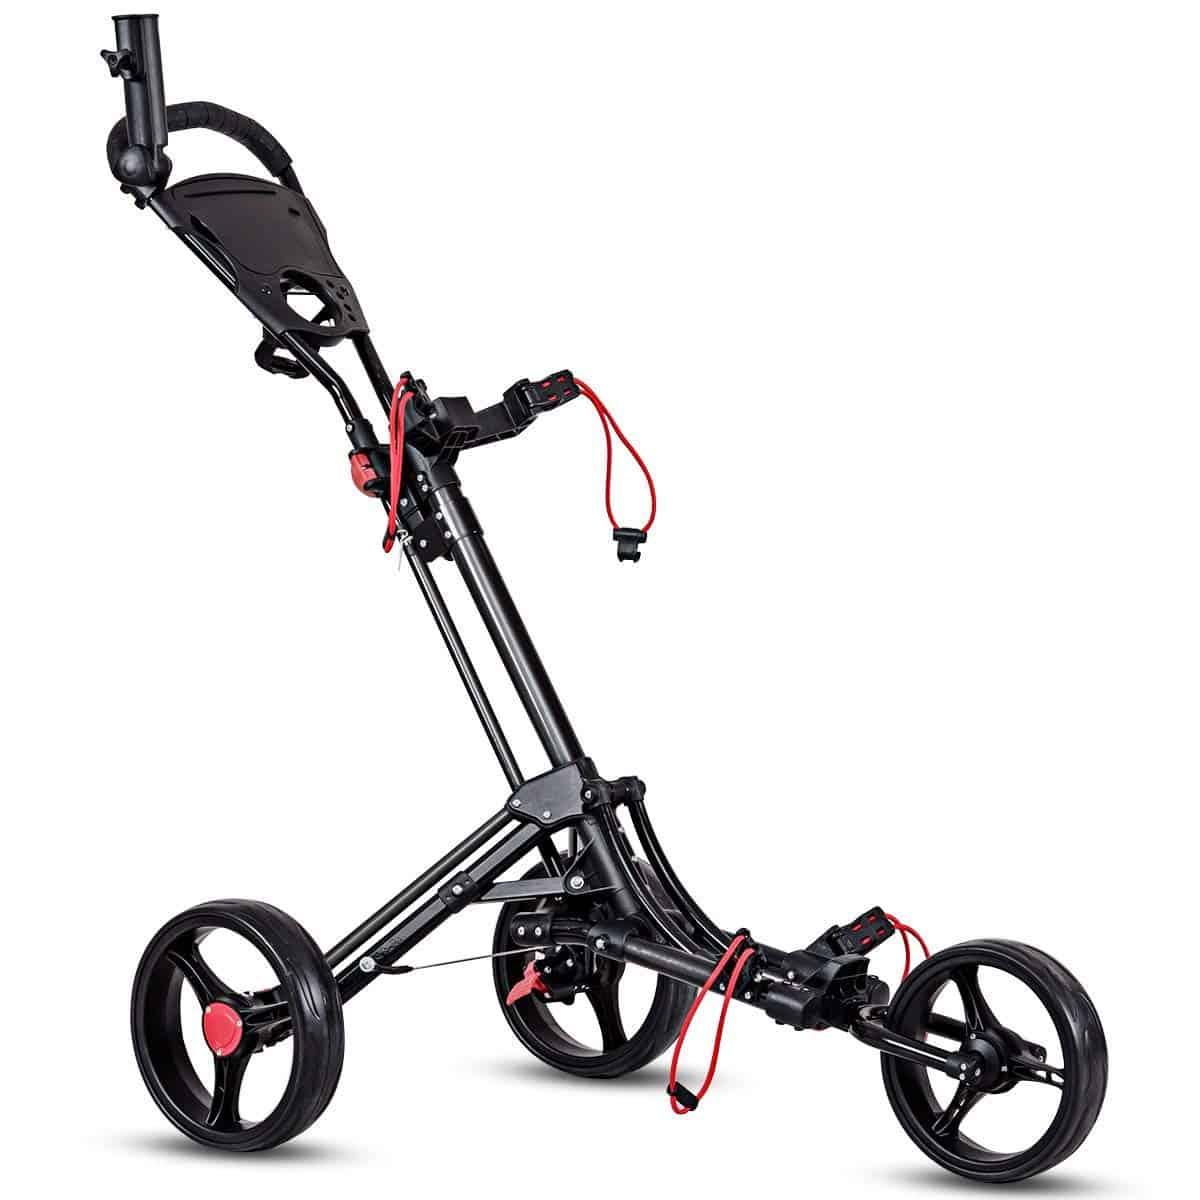 Tangkula Folding Golf Cart Review